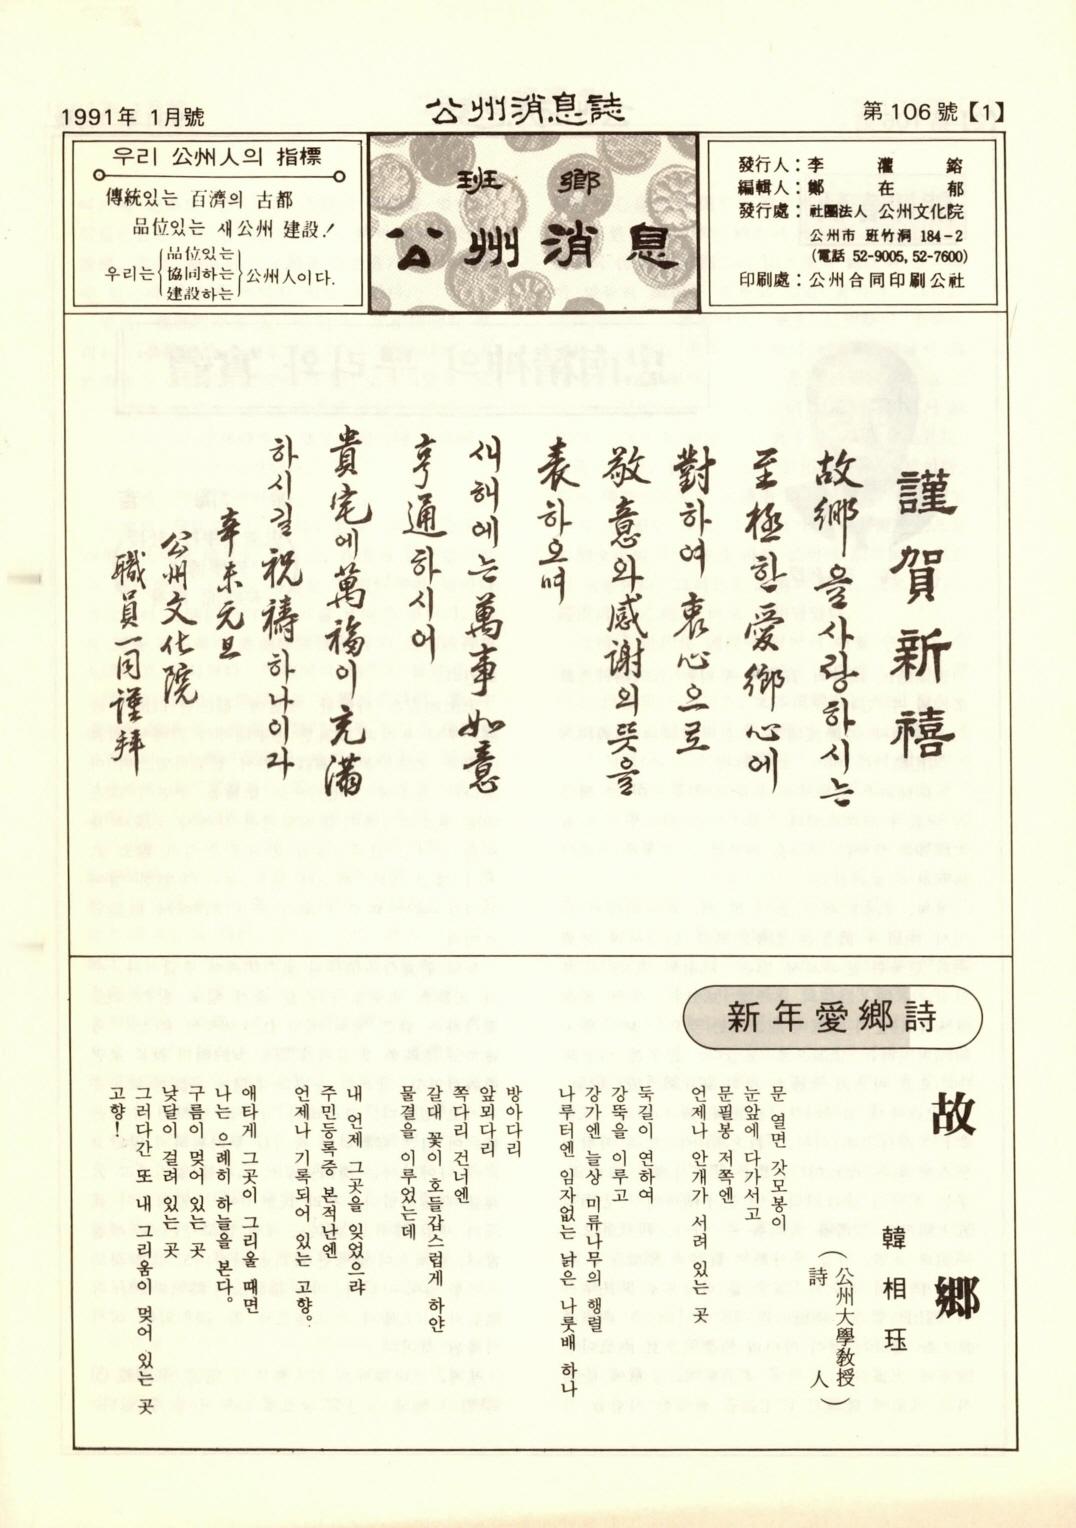 공주소식 1991 통권 제106호